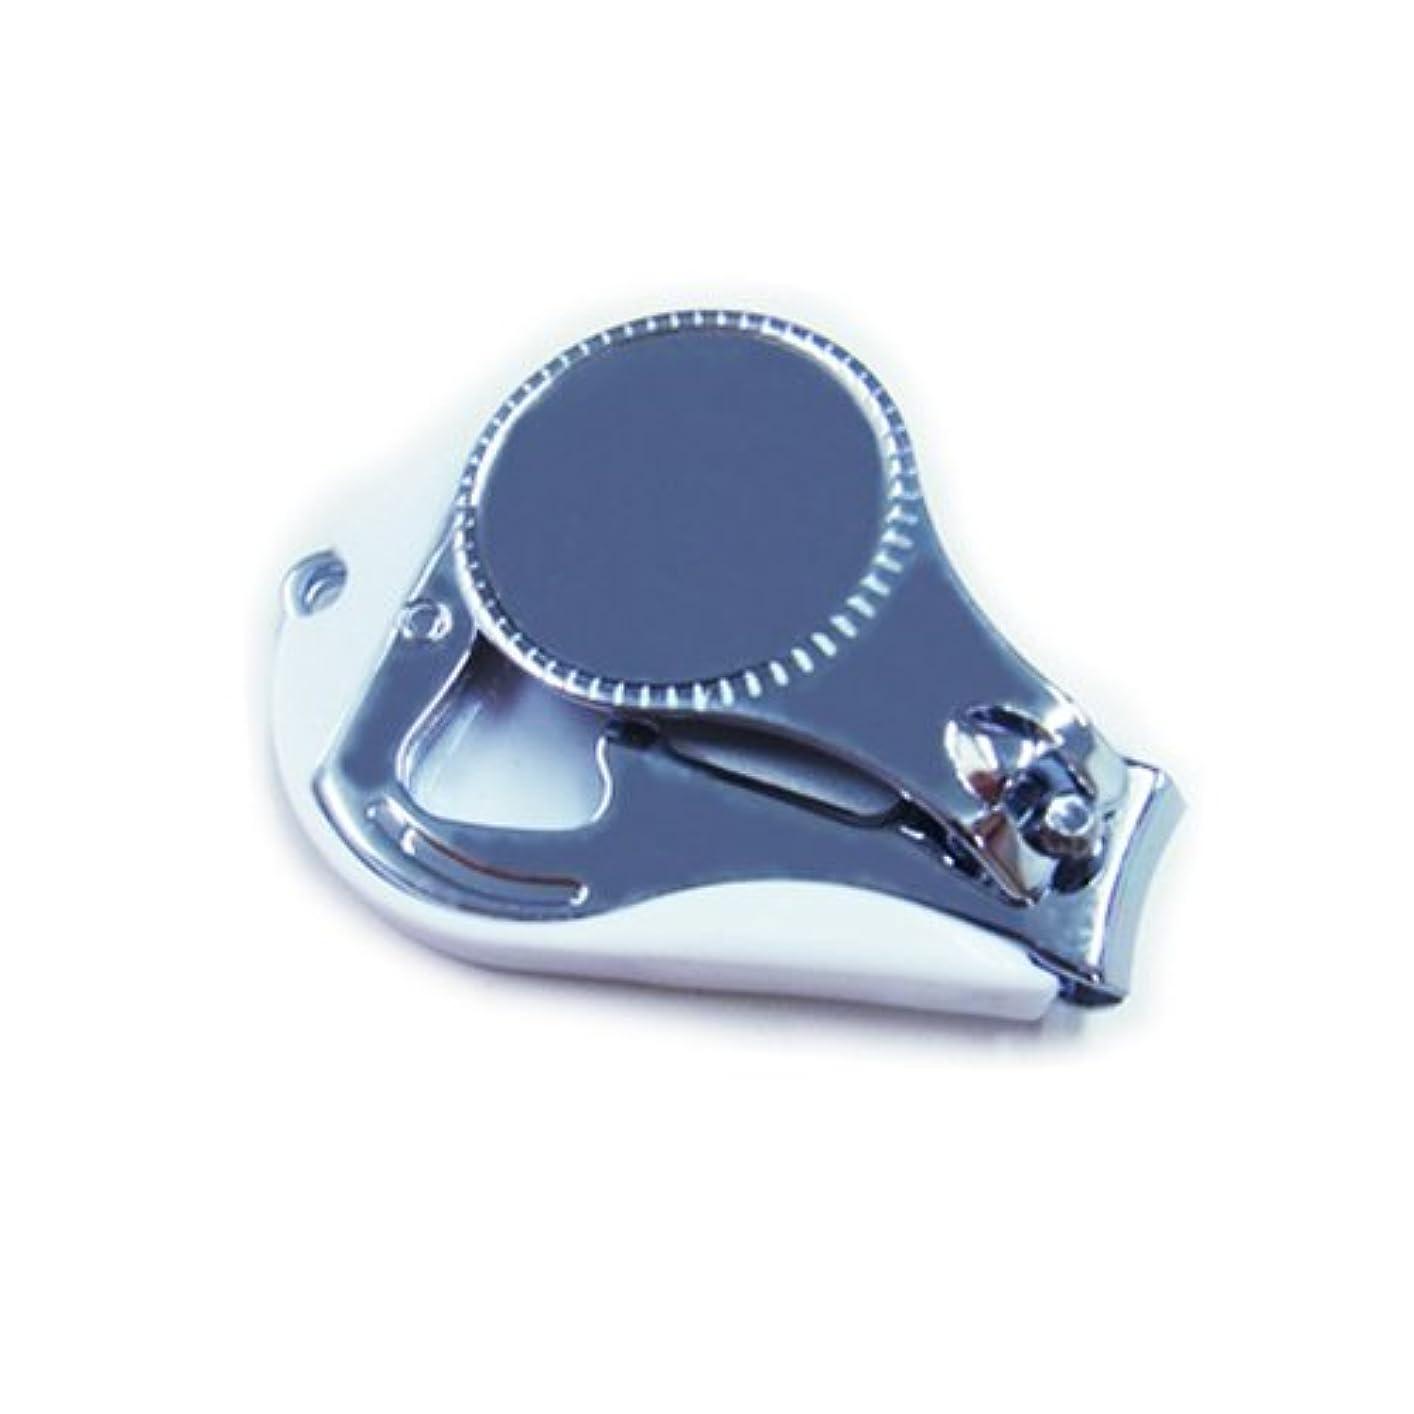 【爪切り】 デコ土台/デコ素材/爪切/デコりやすい爪切り/ベース/デコ用 (ホワイト)